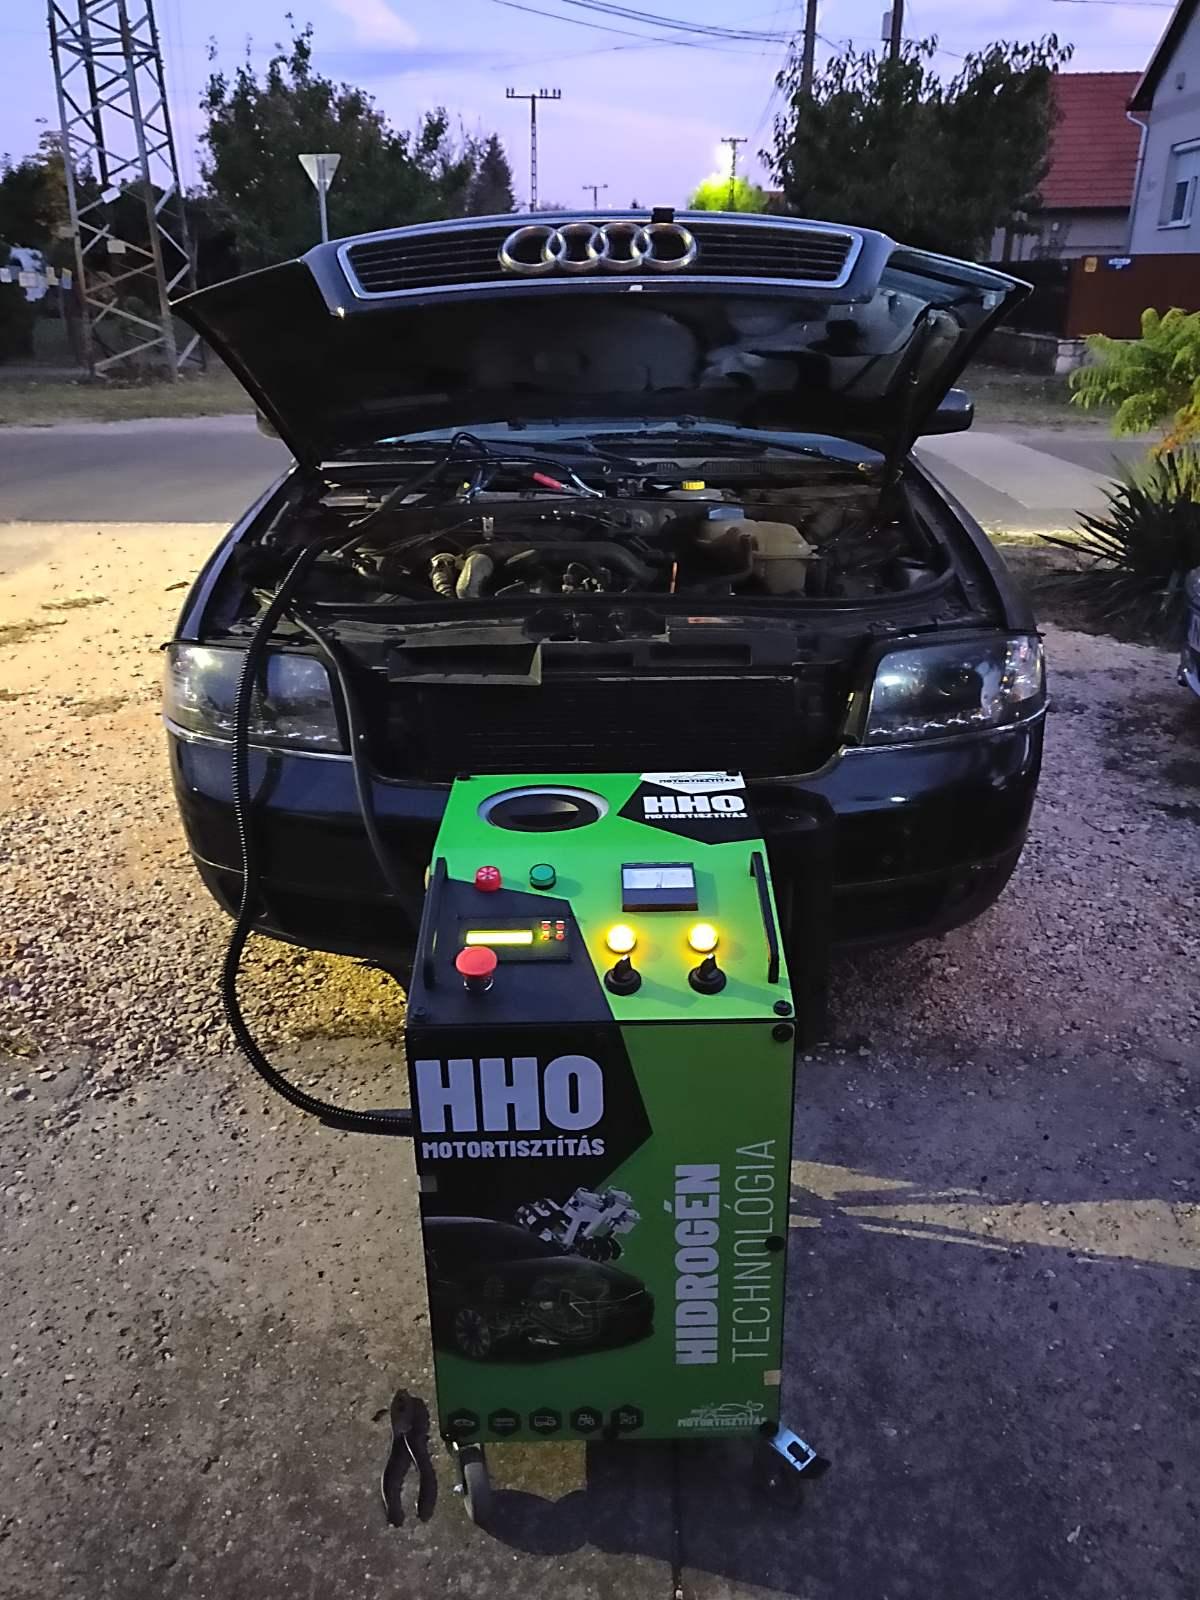 HHO Motortisztítás Audi A6 V6 Tdi 233 Le